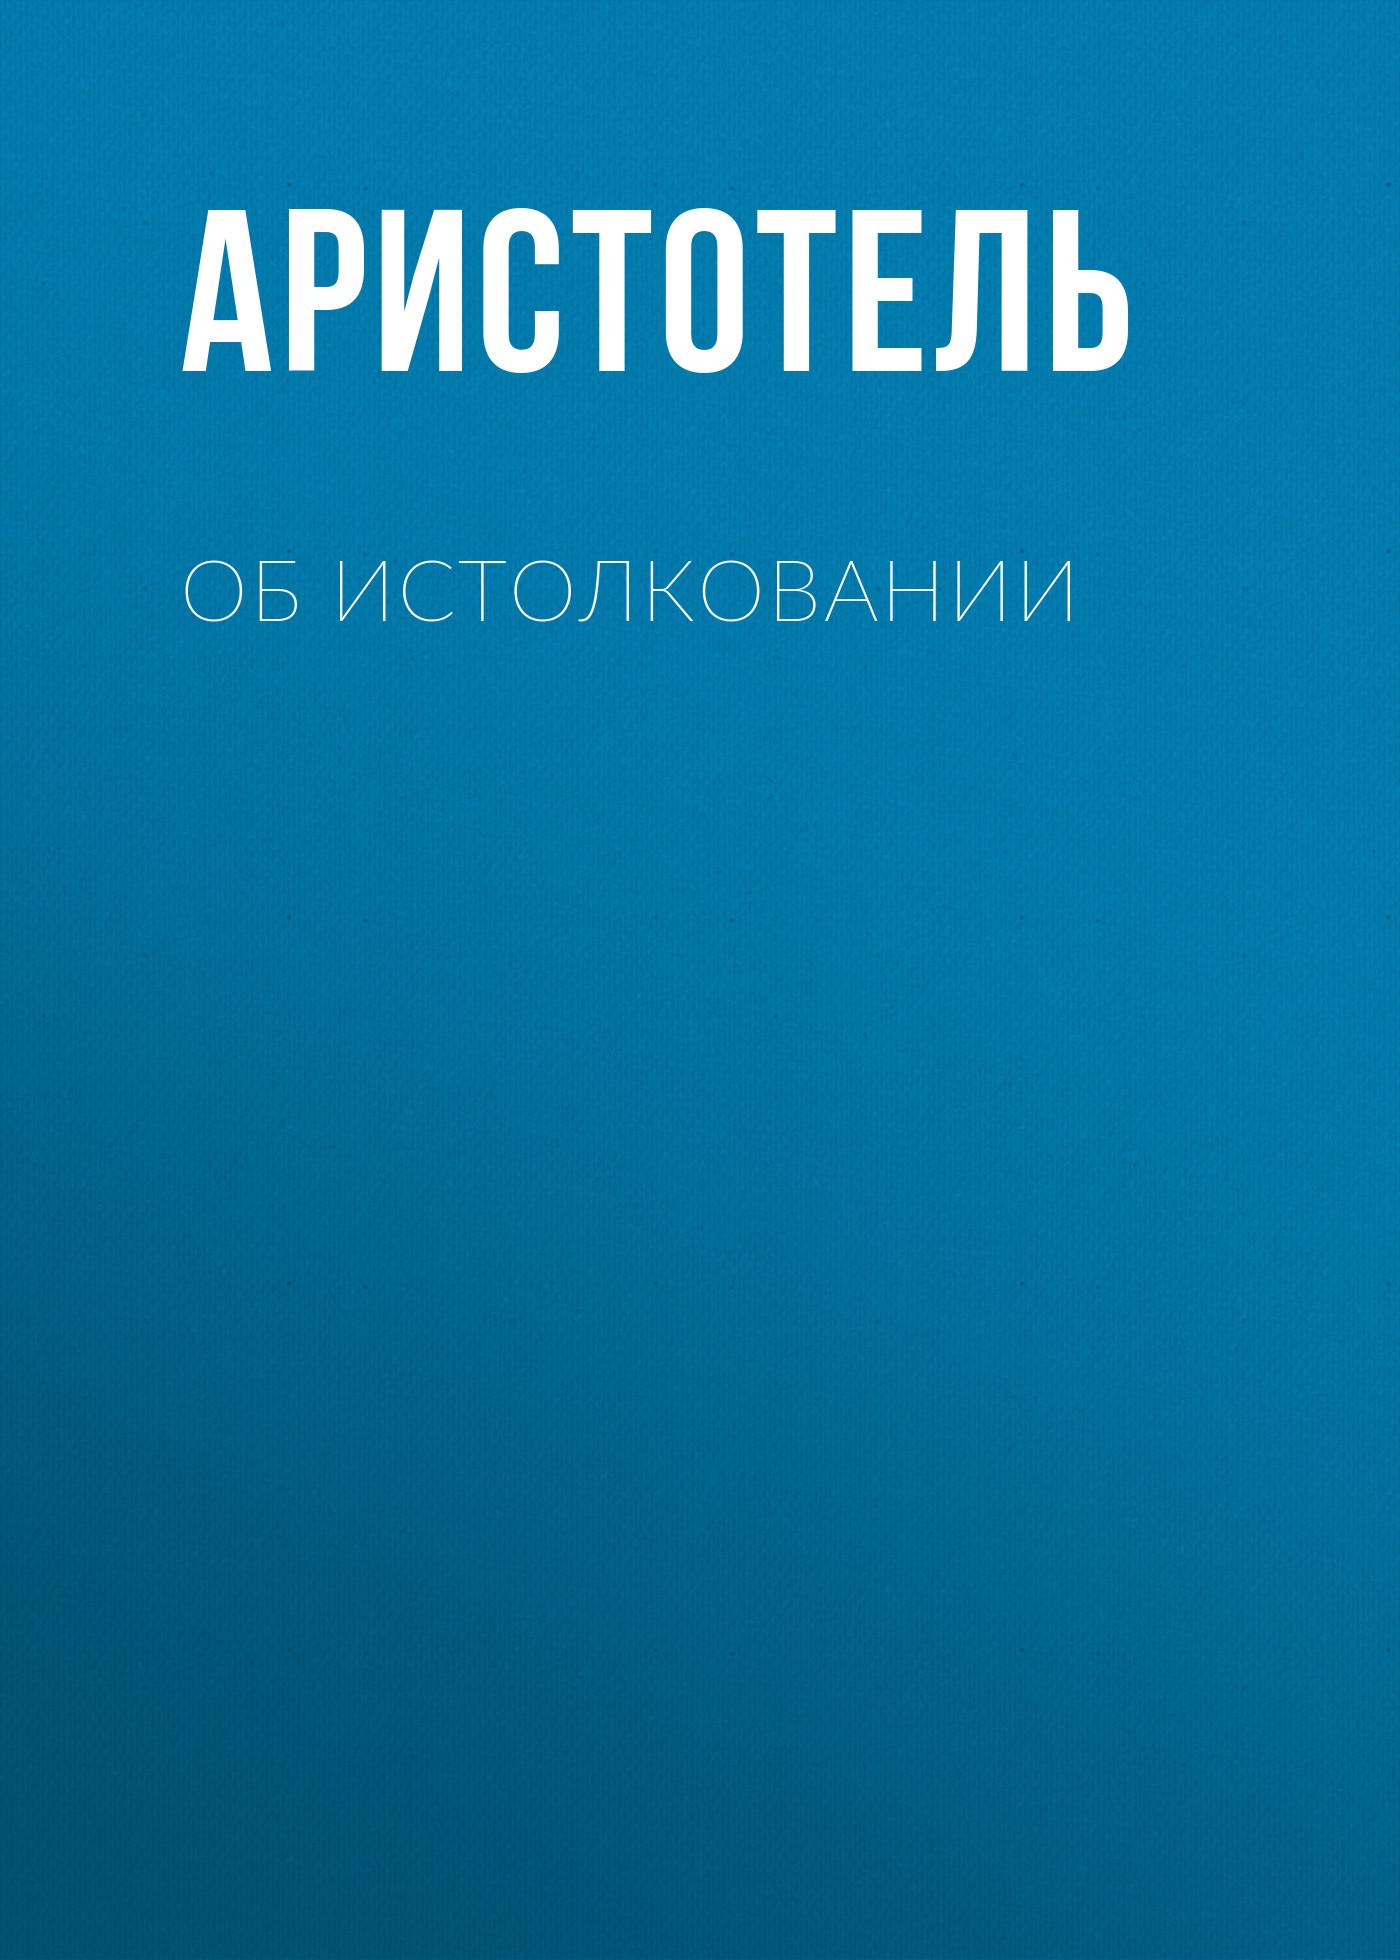 Купить книгу Об истолковании, автора Аристотеля